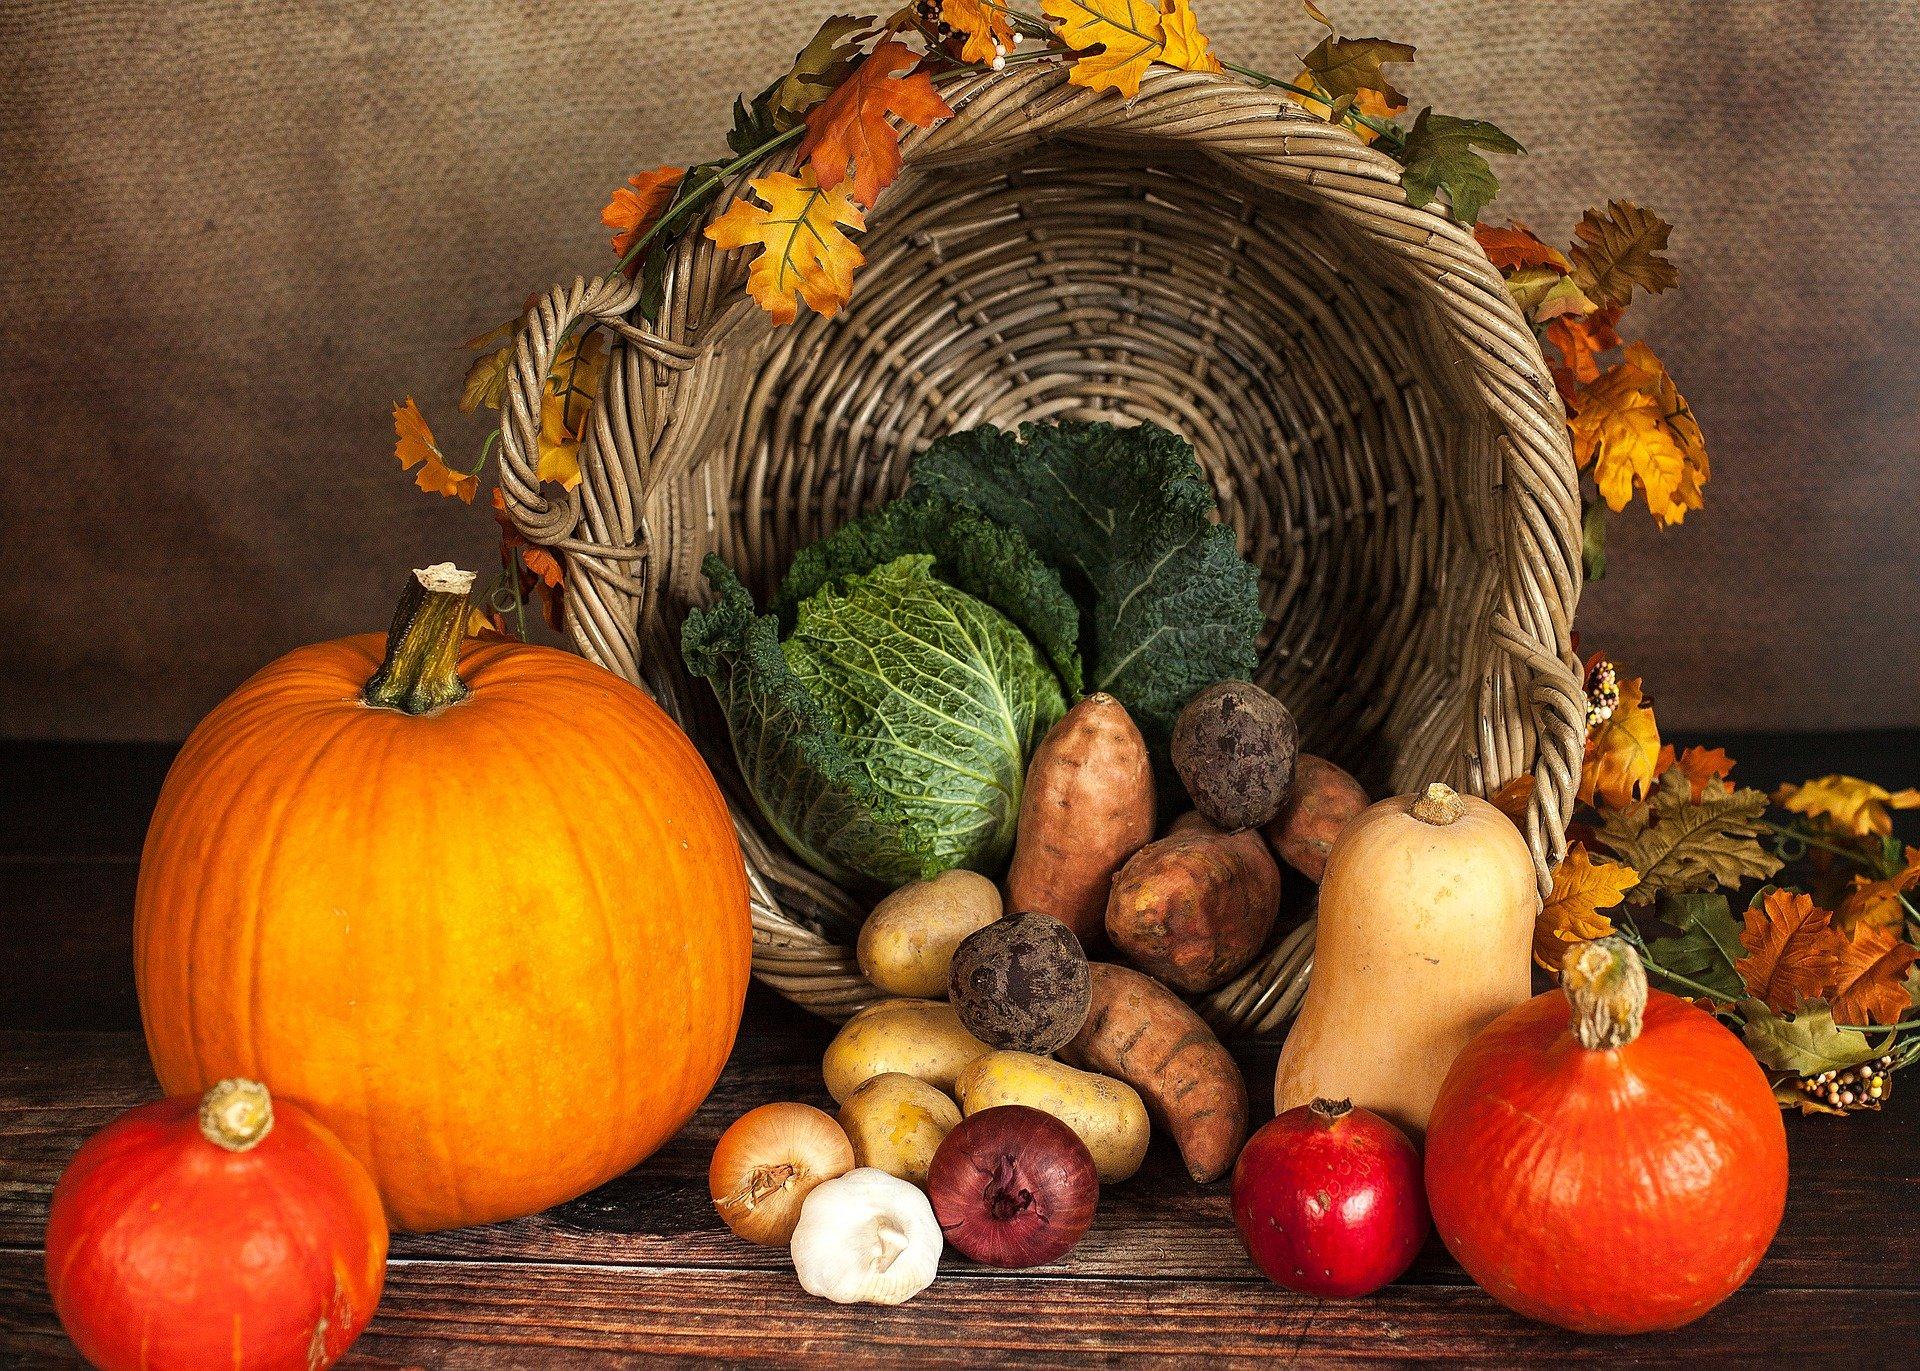 Postimees: перечислили 5 овощей, которые могут оказаться вредными для здоровья человека